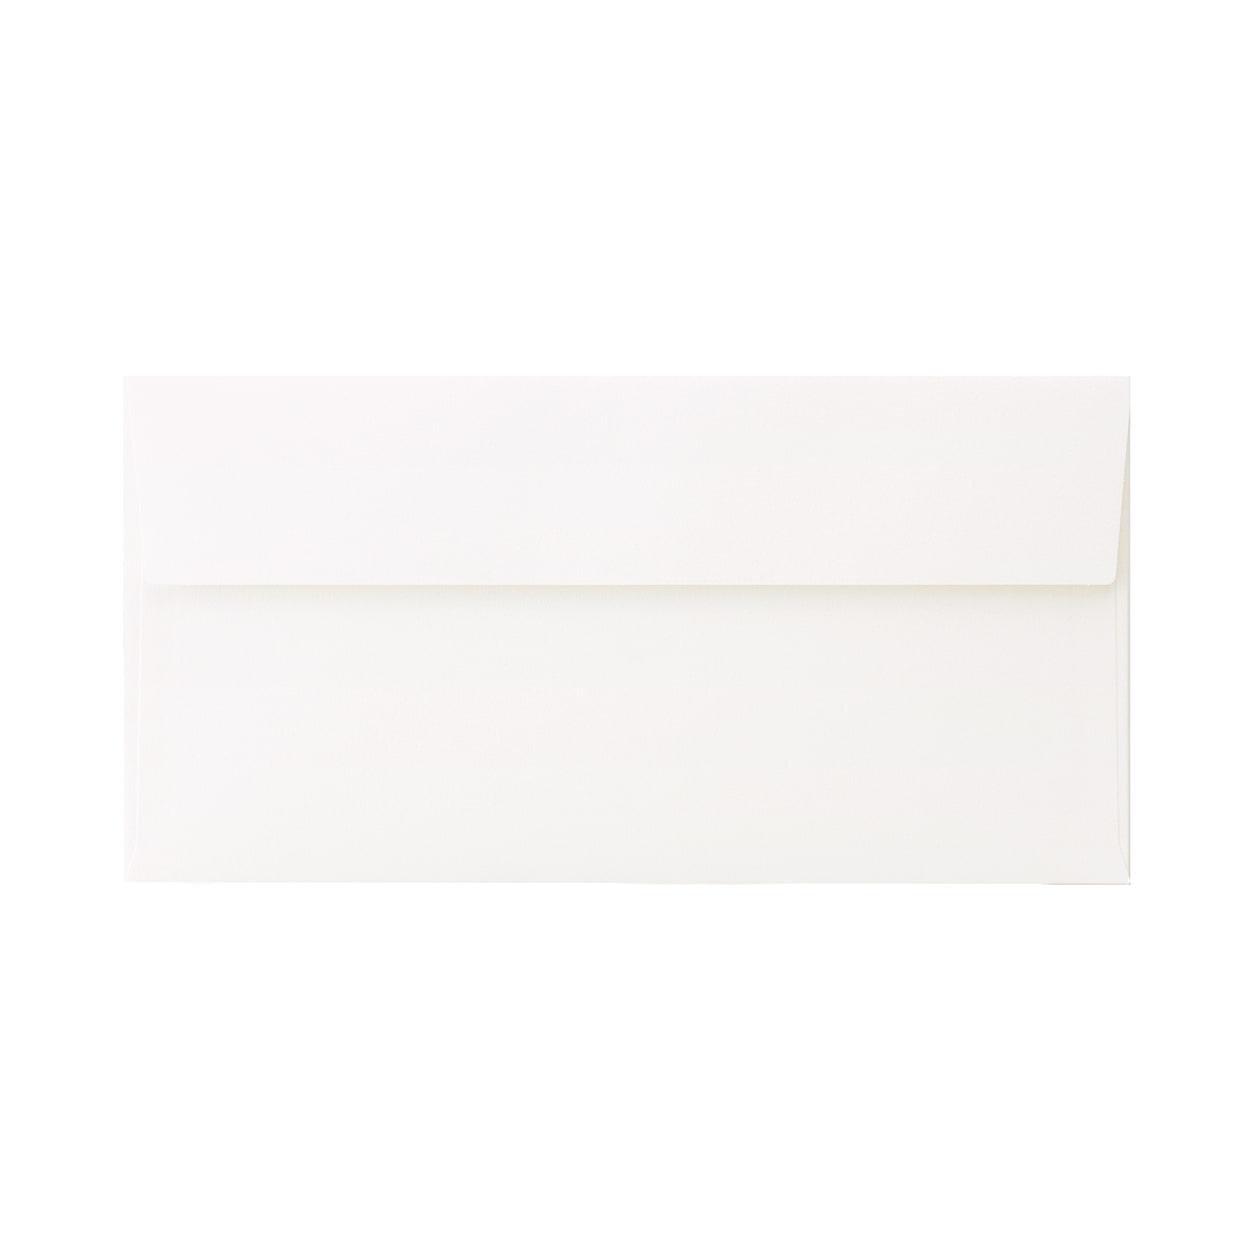 長3カマス封筒 コットンパール スノーホワイト 125.3g